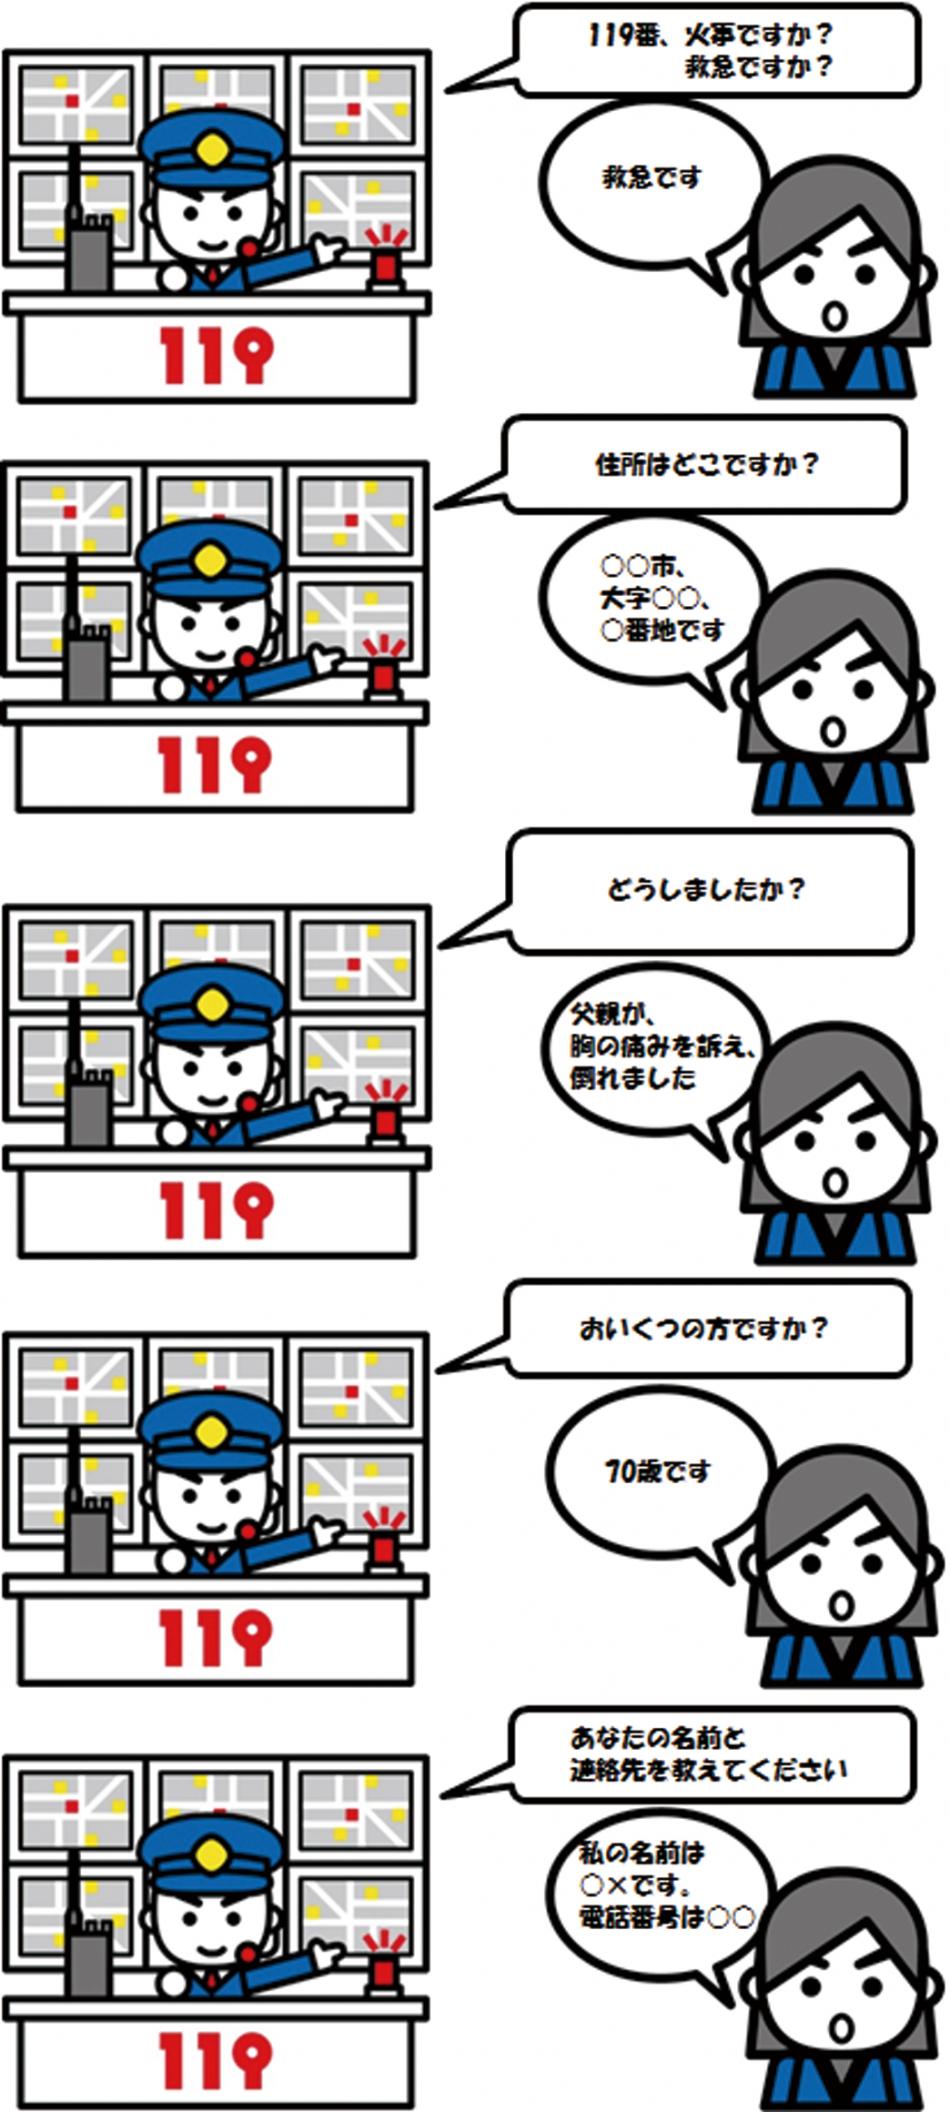 救急車の呼び方